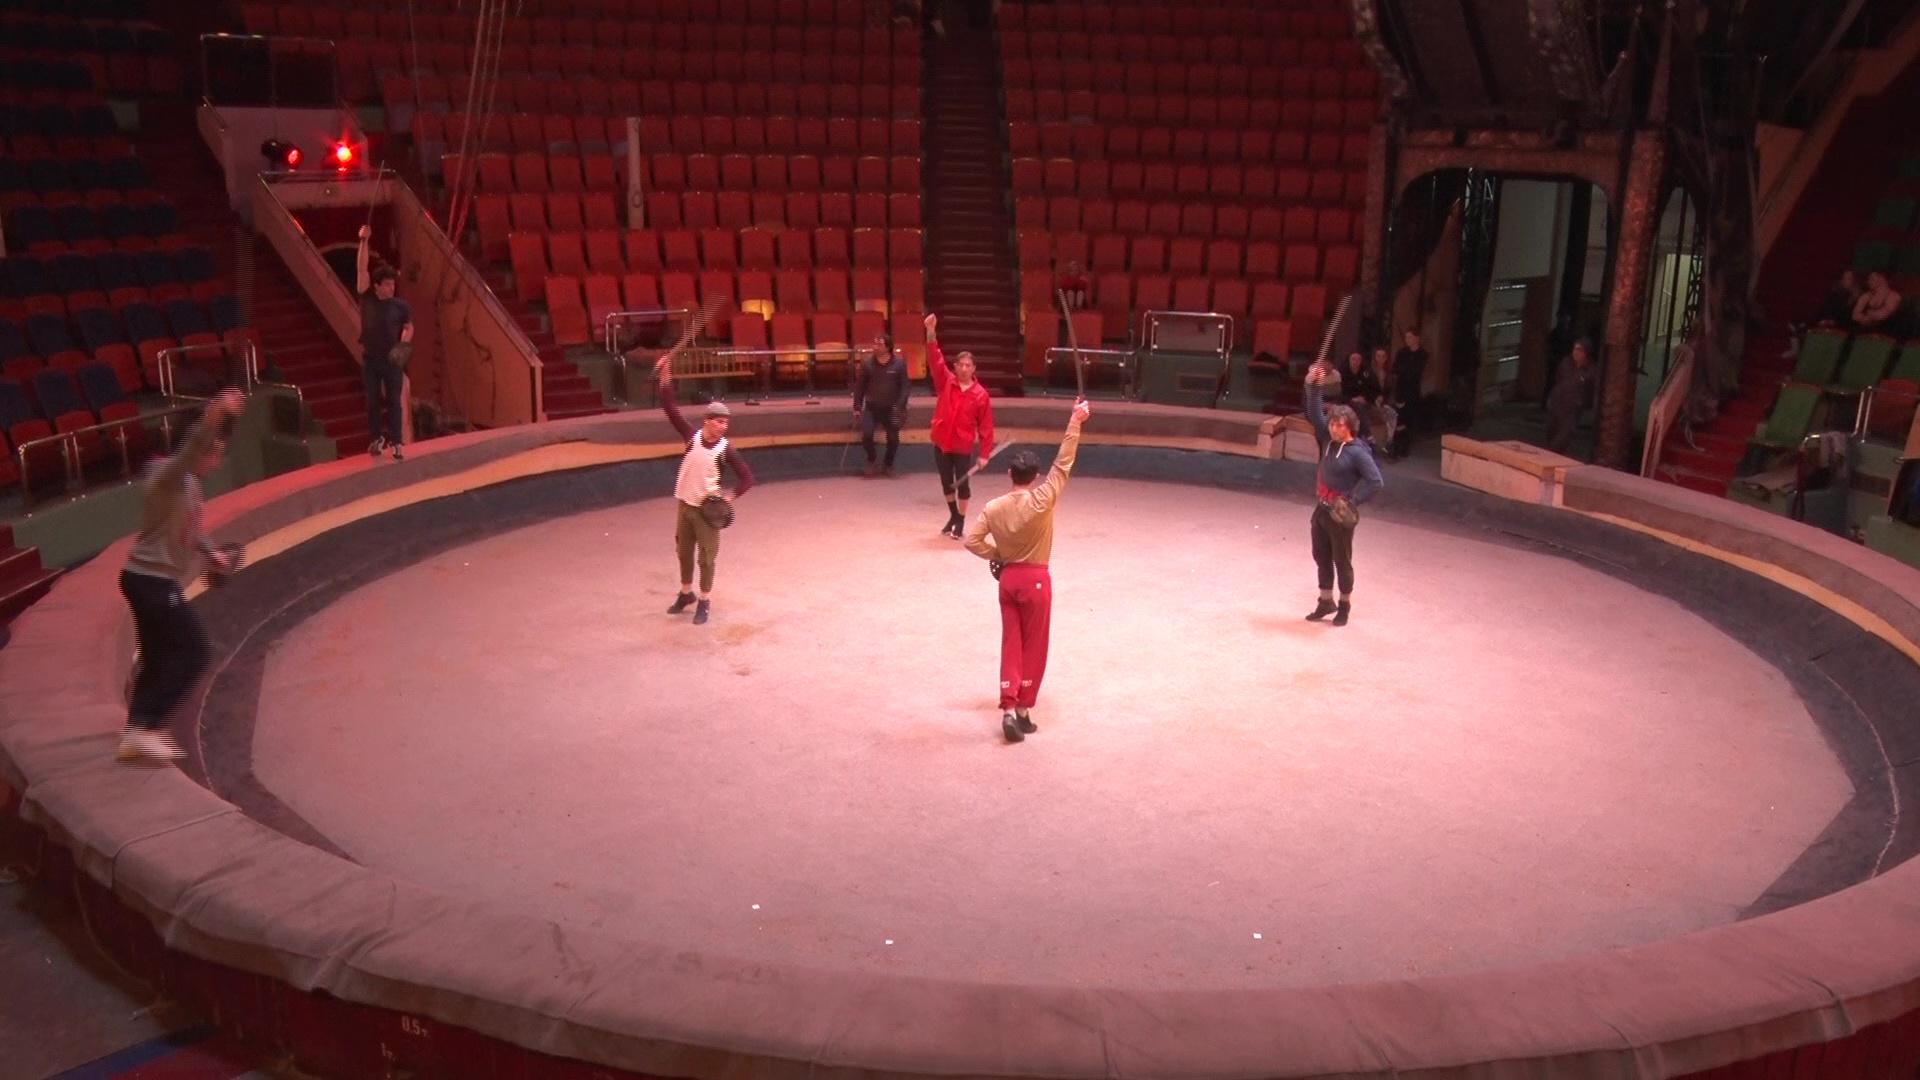 Ярославская публика скоро увидит цирковое шоу Тамерлана Нугзарова